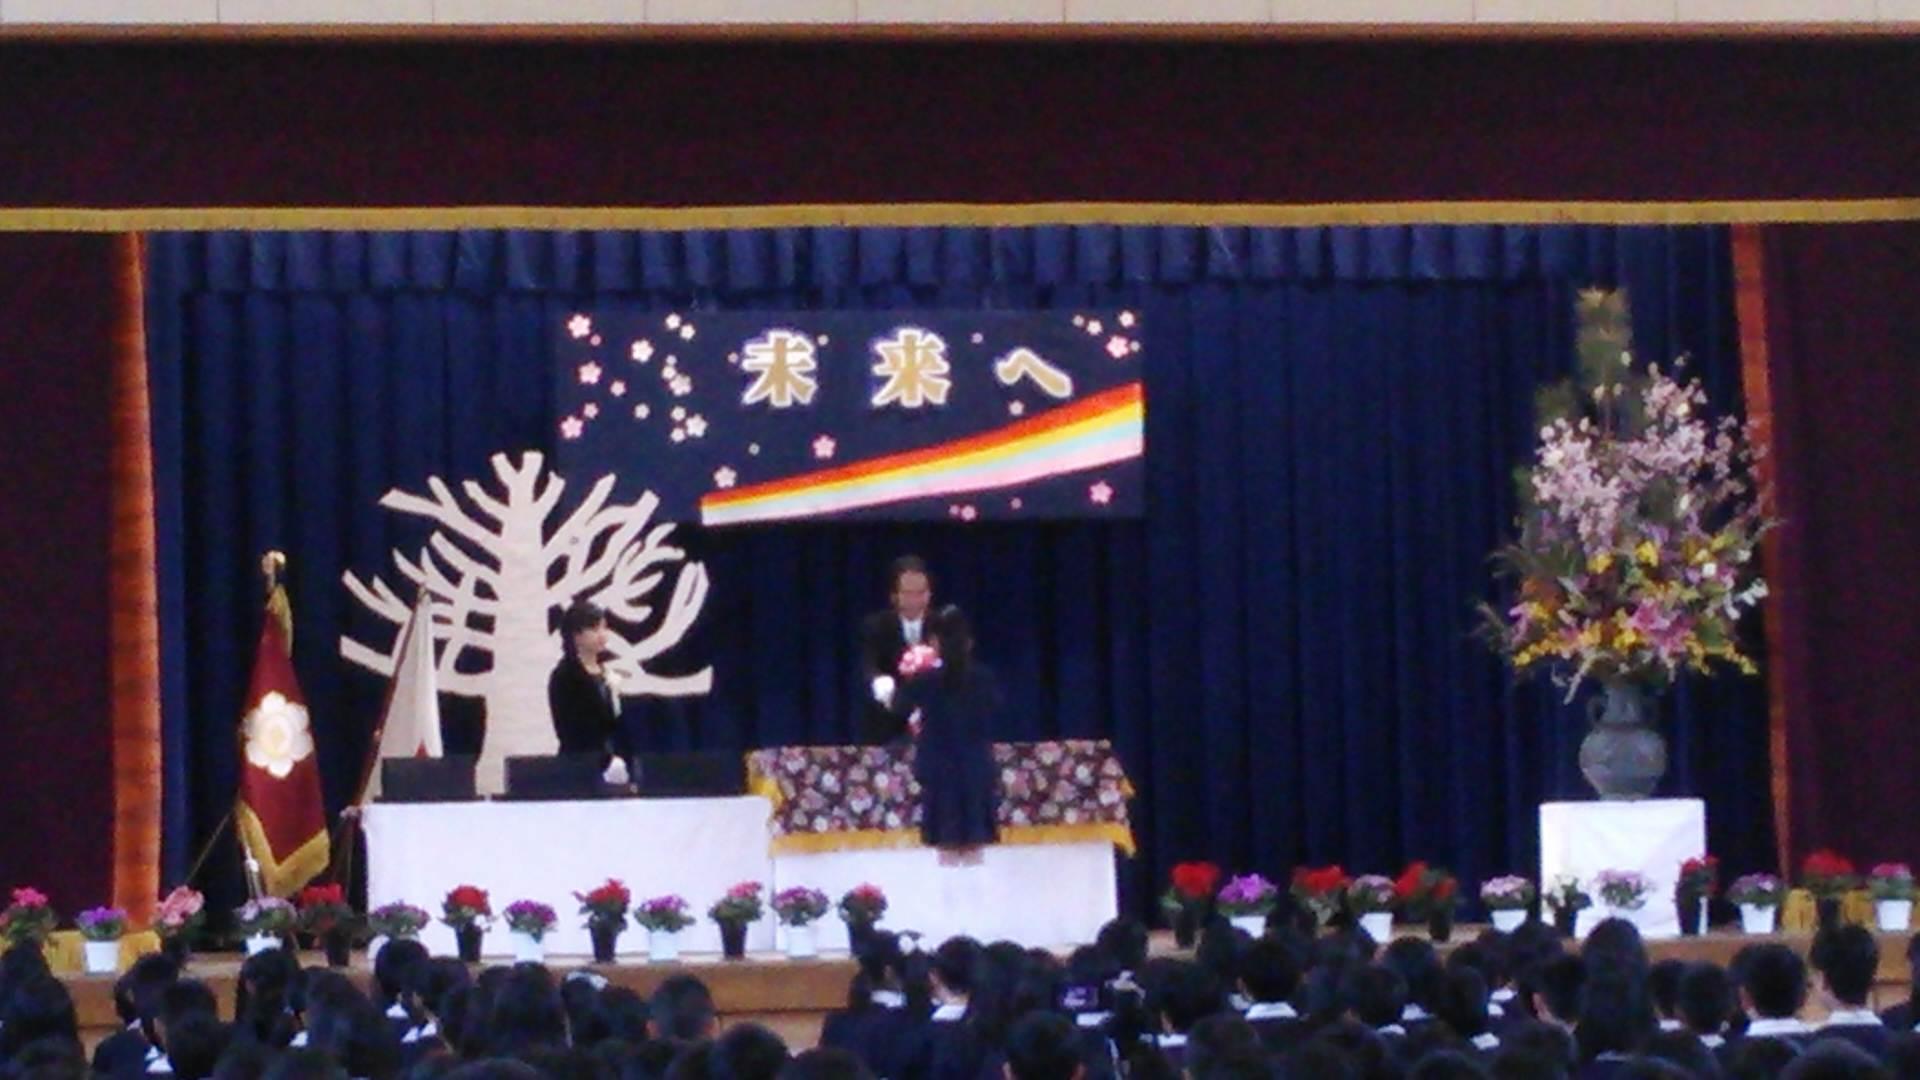 楠小学校の卒業式、おづぷらざフェスタへ♪